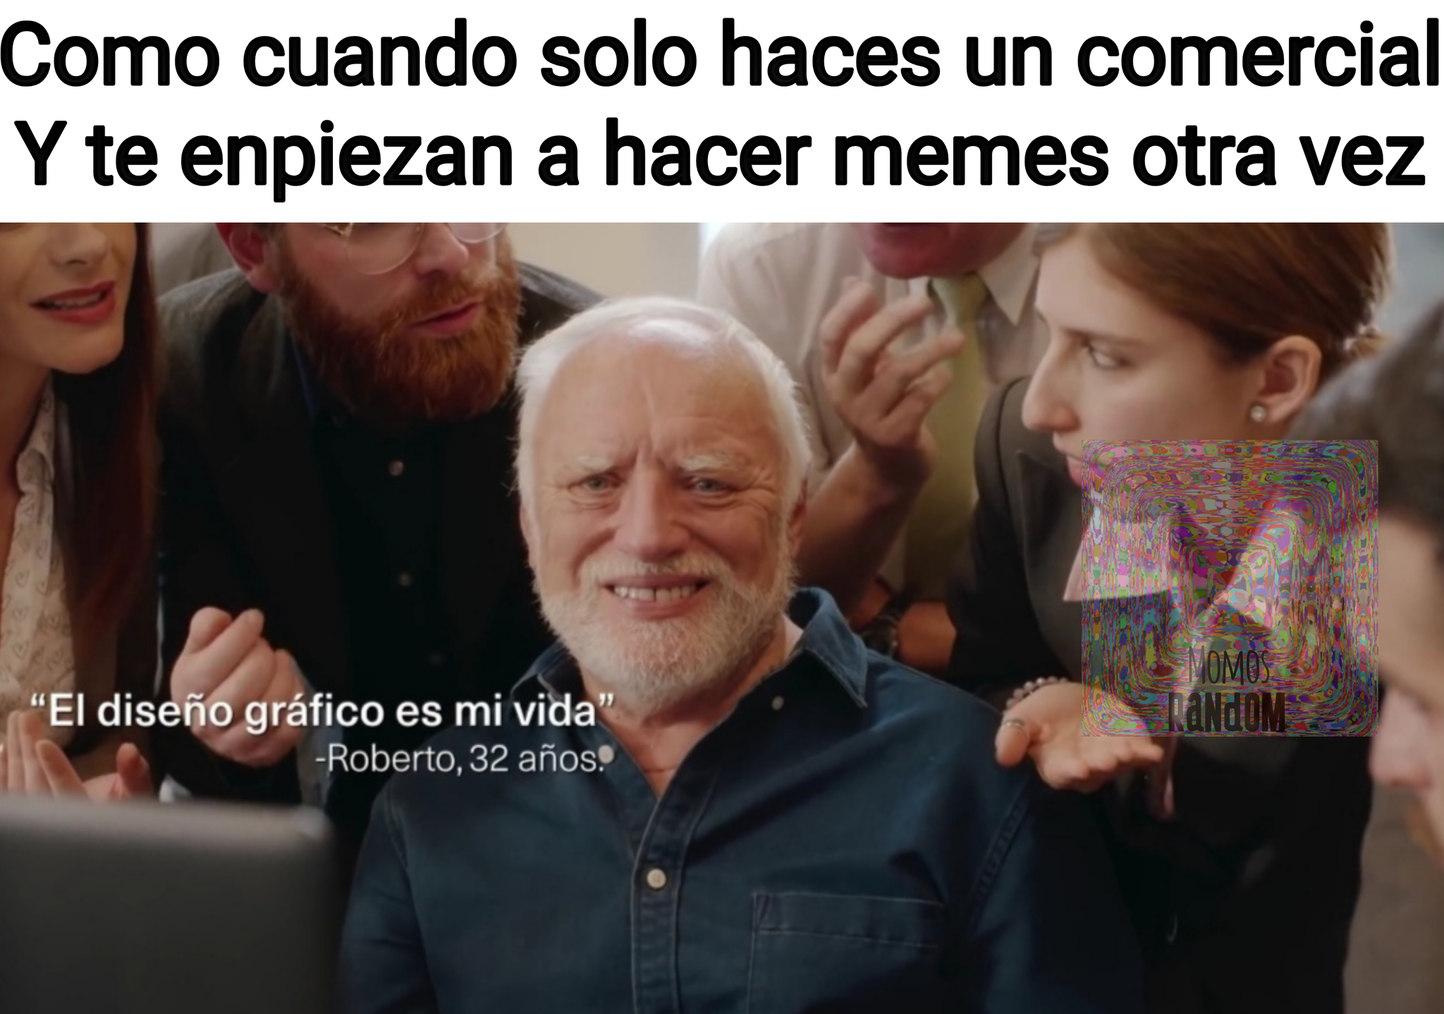 El viejito de los memes volvio